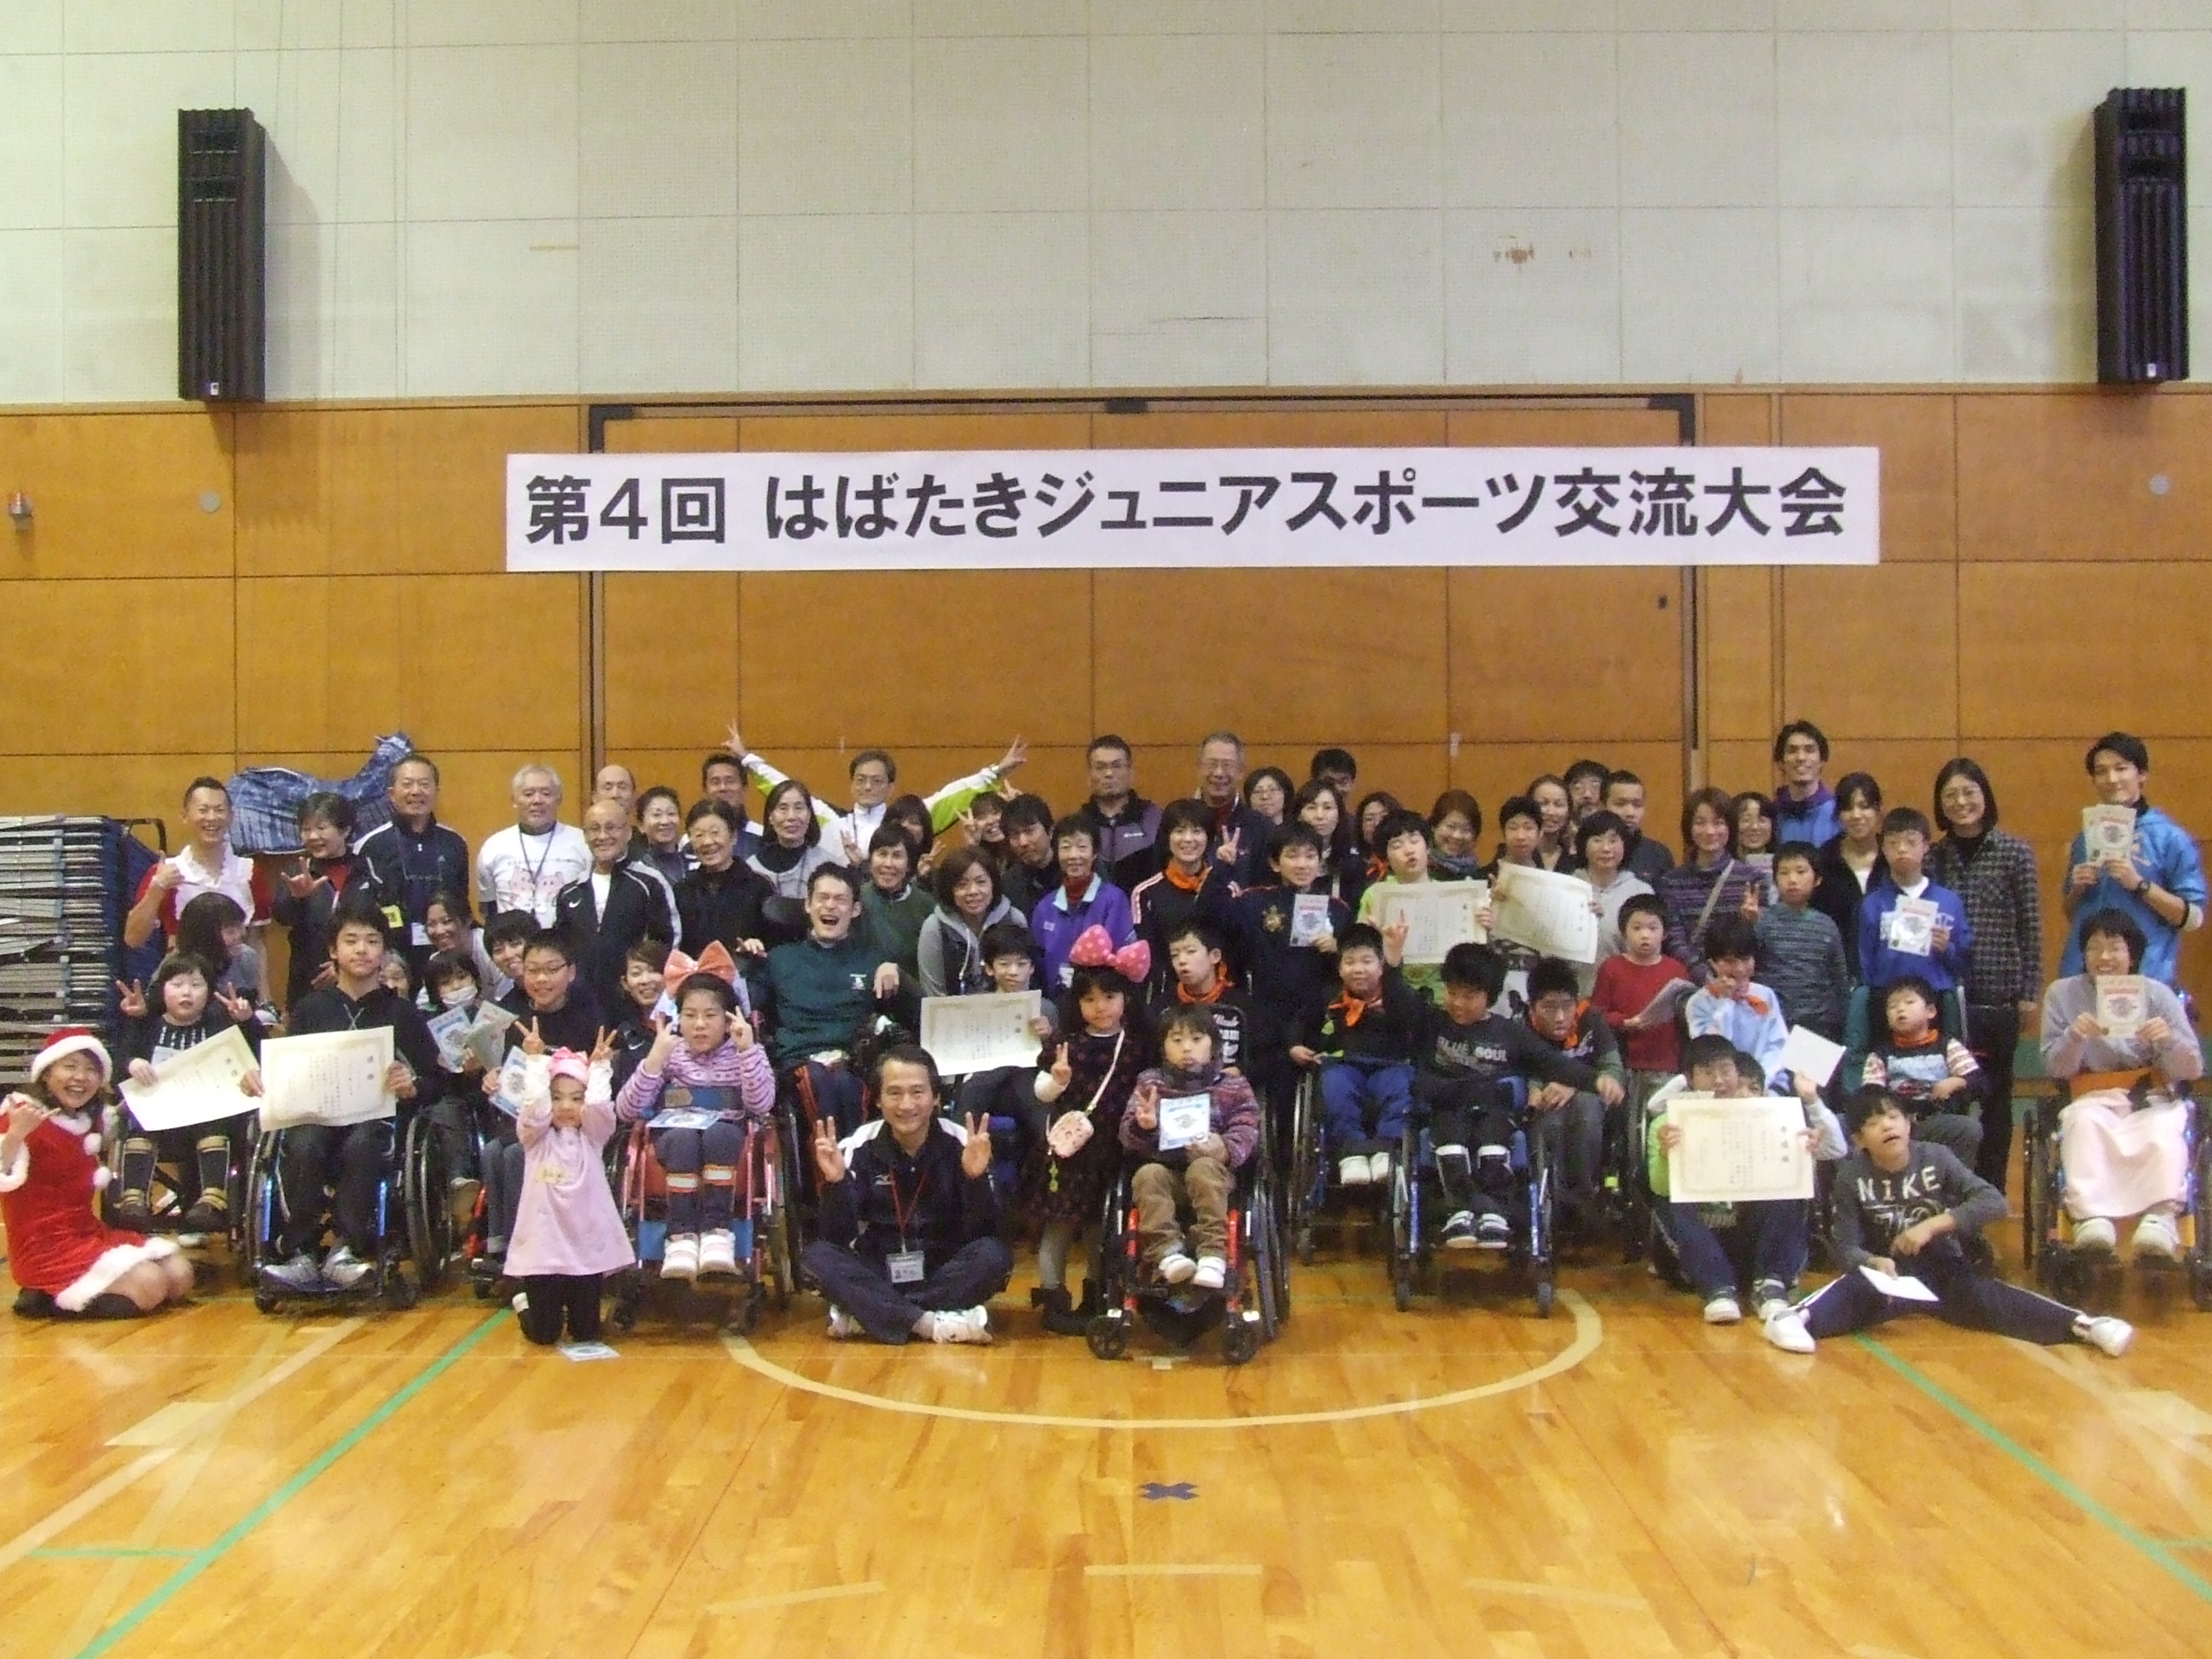 habatakijyunia3 - 第4回はばたきジュニアスポーツ交流大会